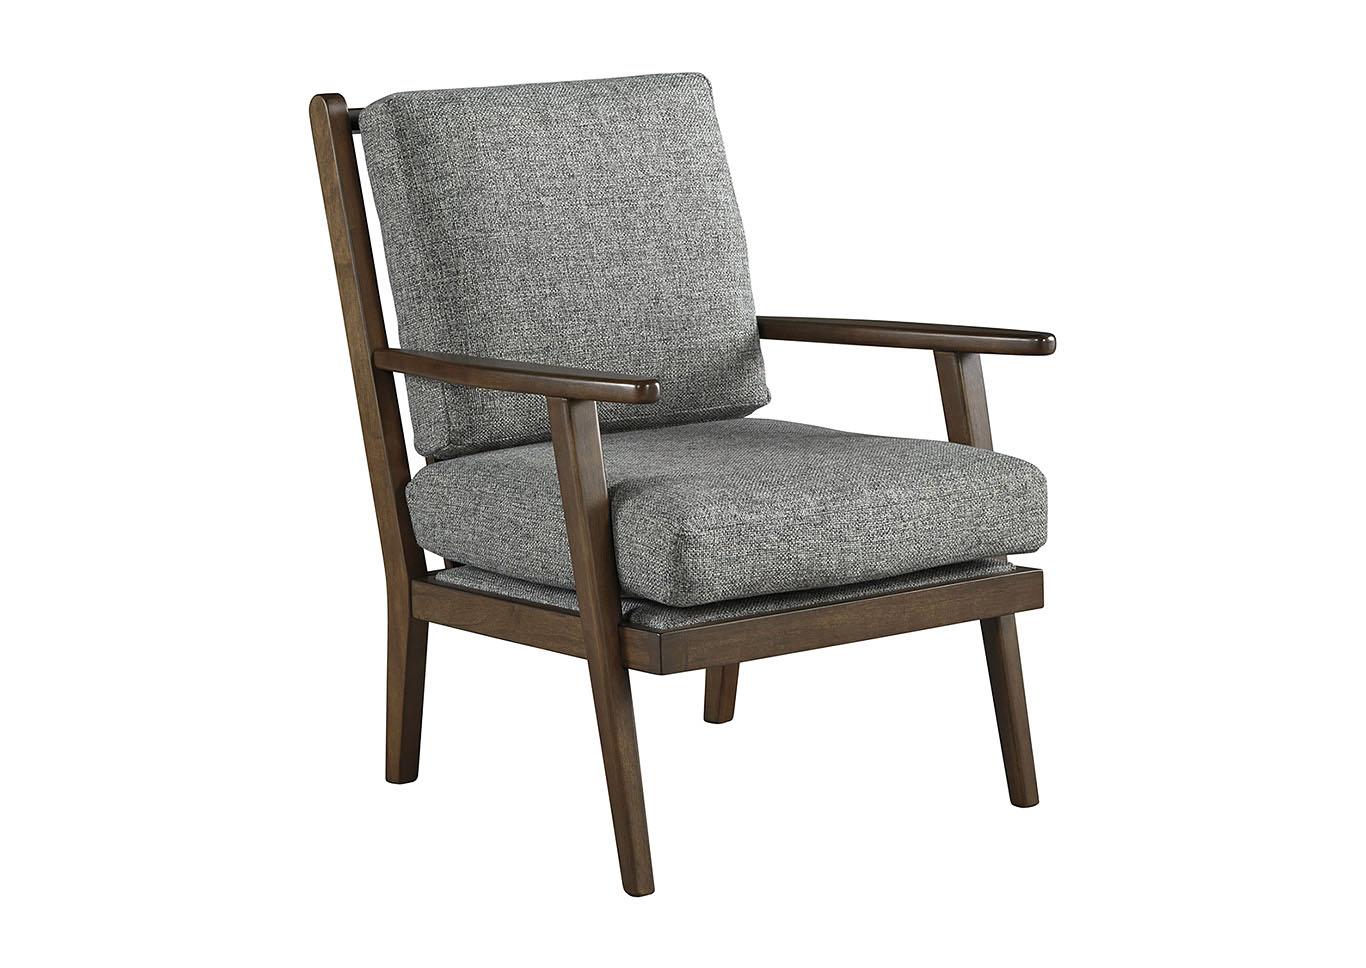 Phenomenal Premier Furniture Gallery Zardoni Charcoal Accent Chair Creativecarmelina Interior Chair Design Creativecarmelinacom